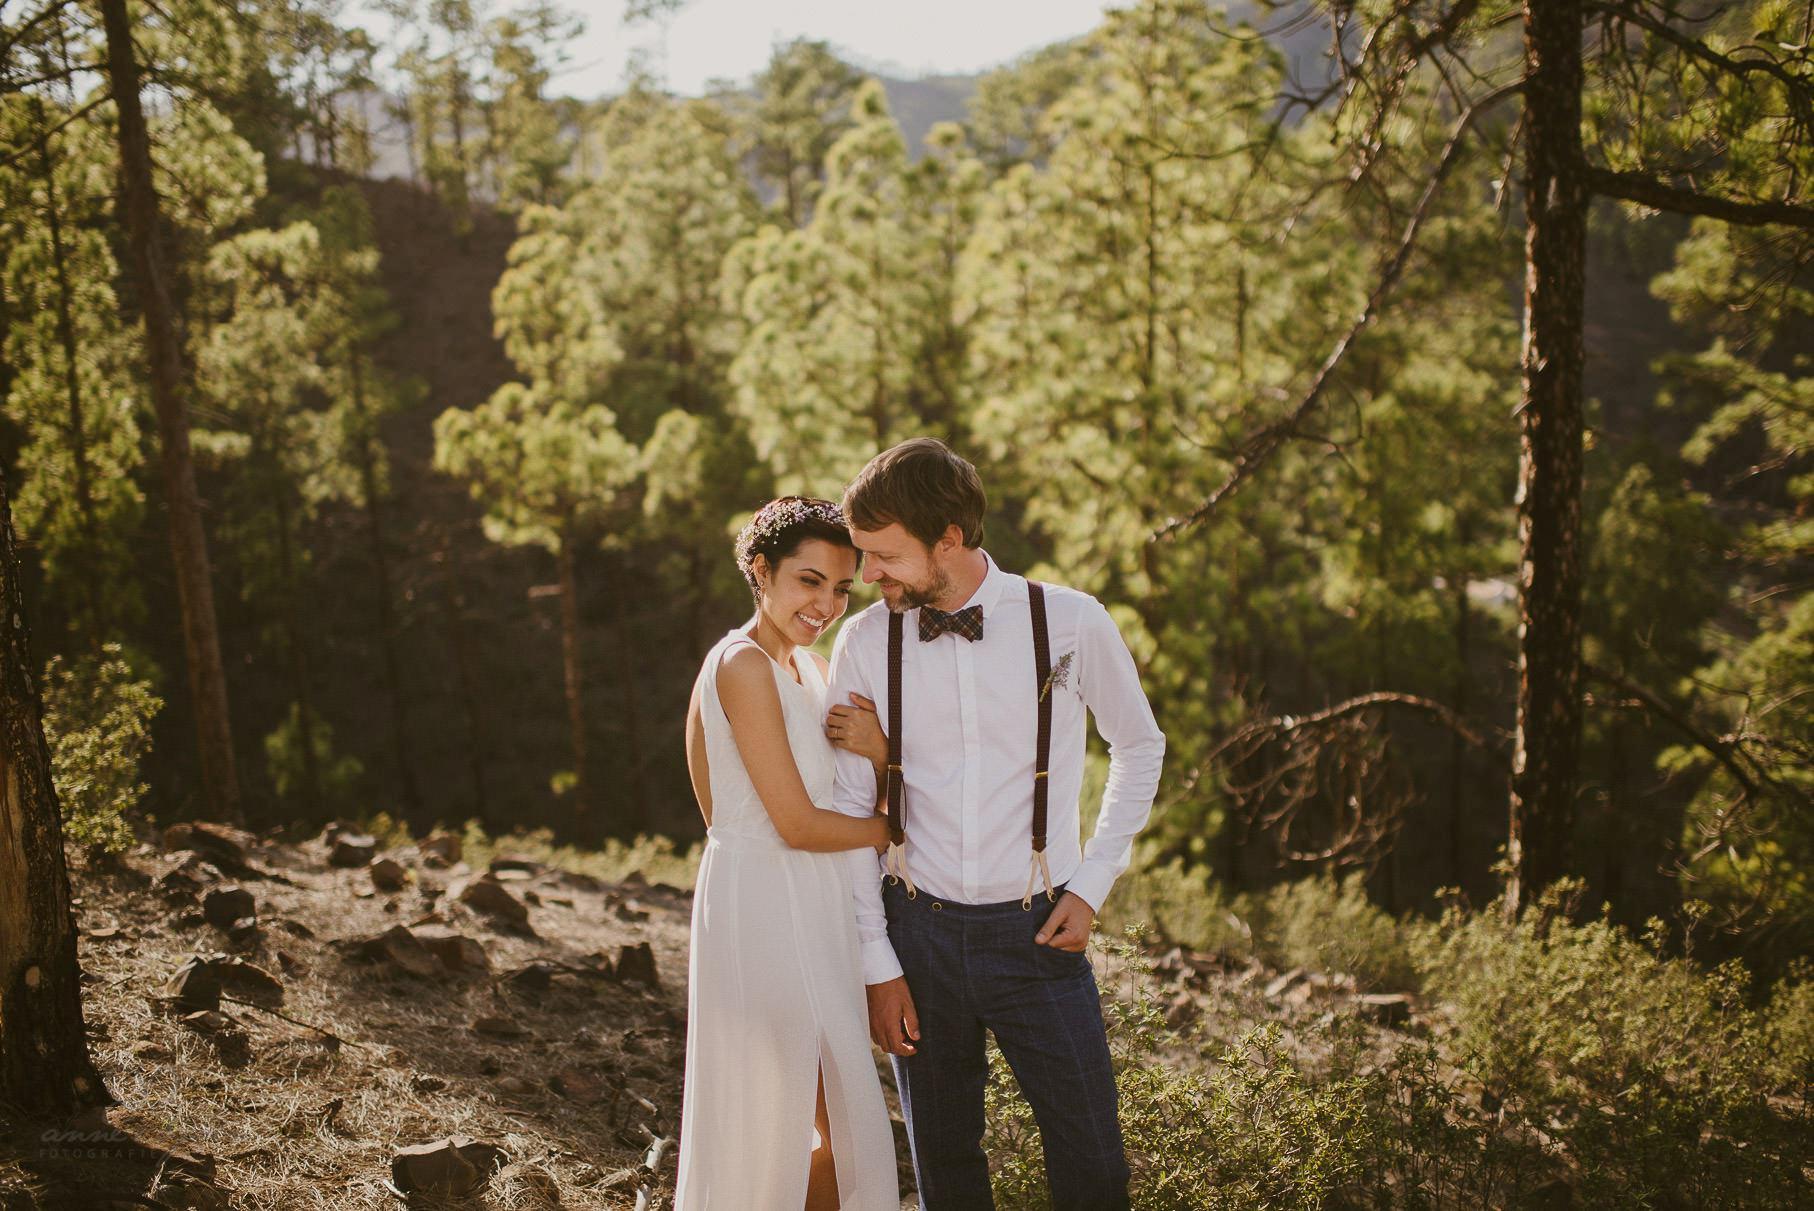 0095 lug d75 6907 bearbeitet 2 - Hochzeit auf Gran Canaria - Linda & Gerald (Elopement)